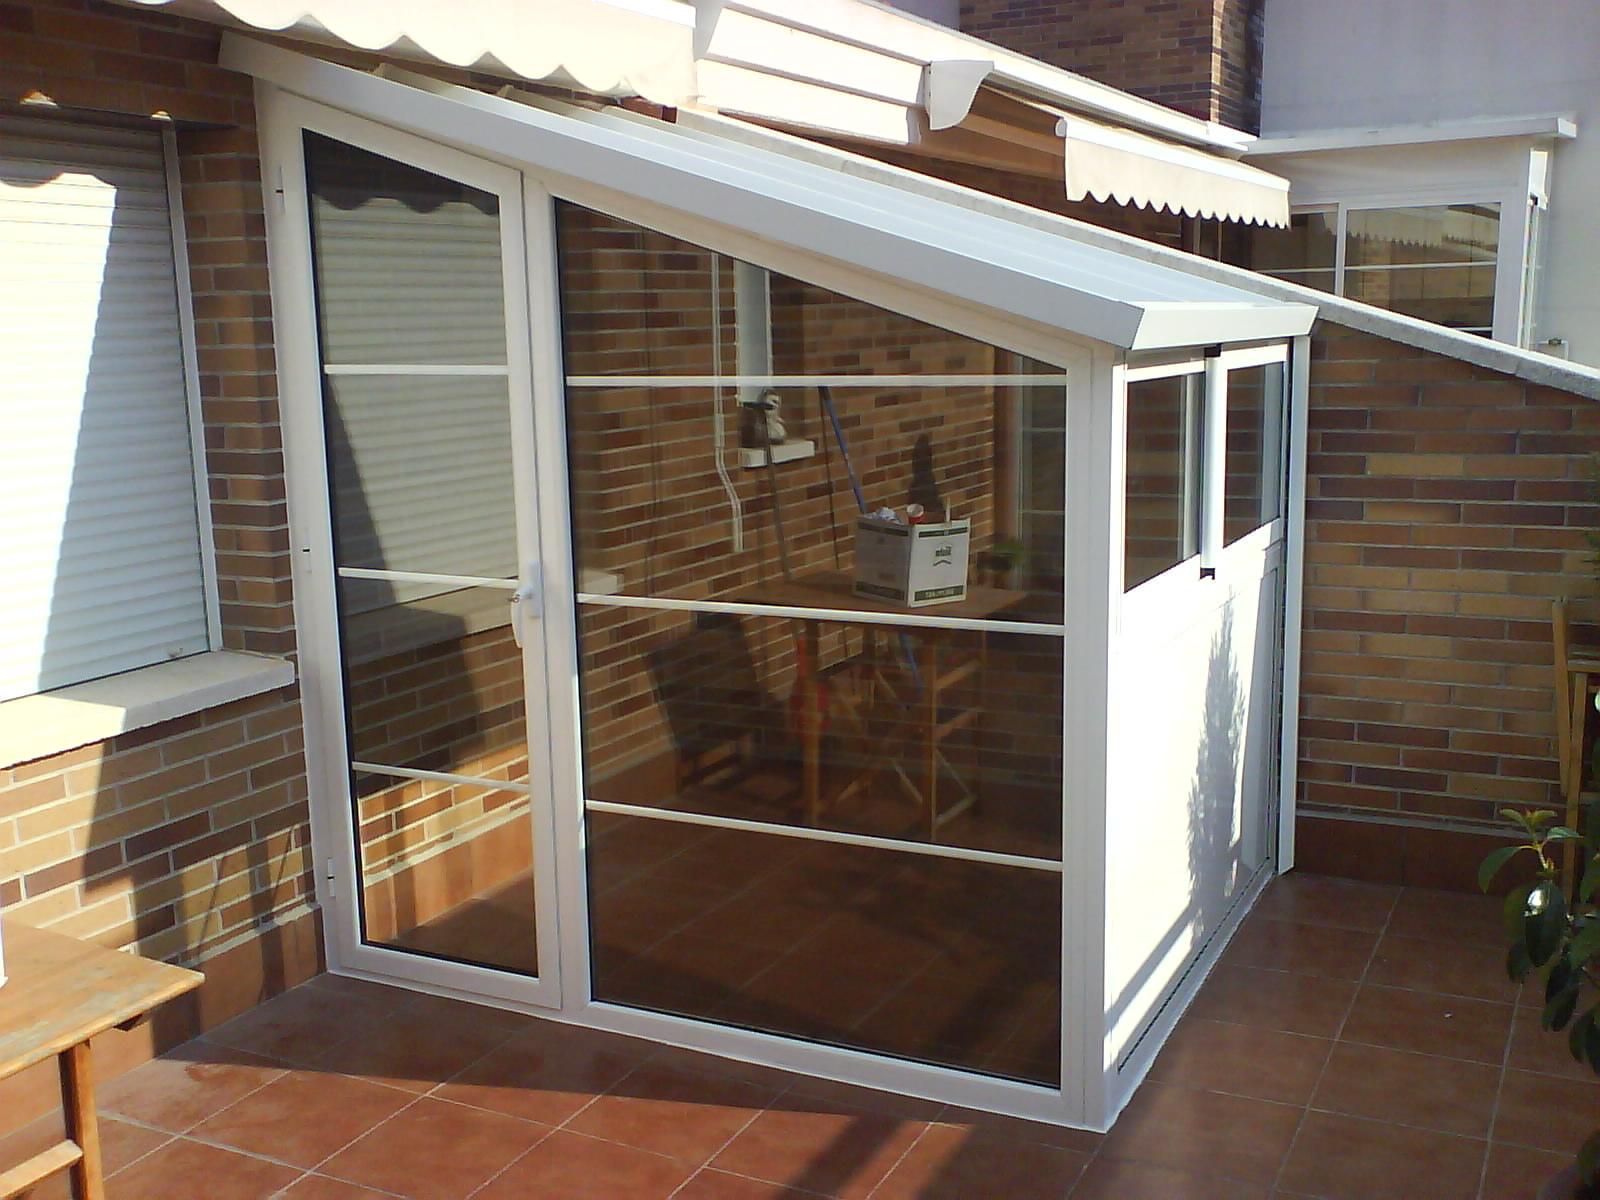 cerramiento de aluminio tipo caseta de exterior terraza en